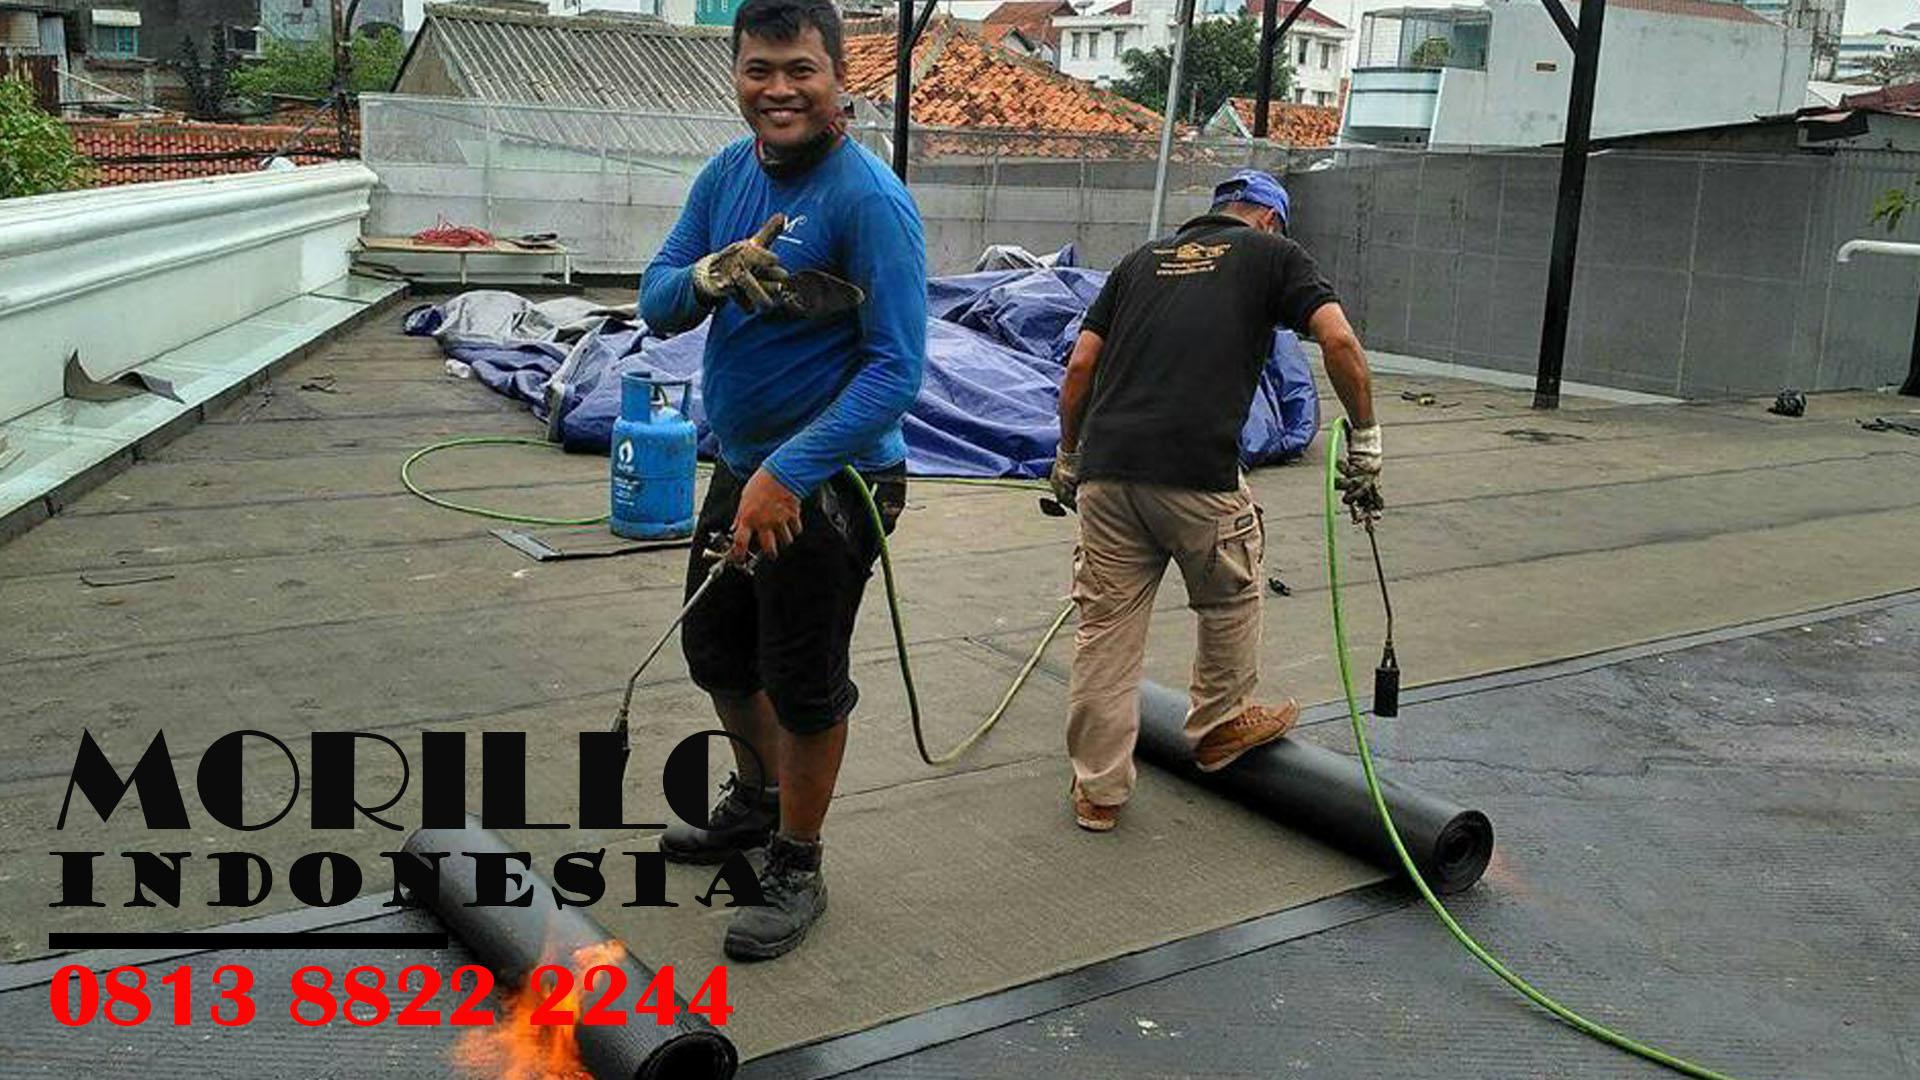 KONTRAKTOR WATERPROOFING MEMBRAN di DKI JAKARTA TELEPON : 0813 8822 2244